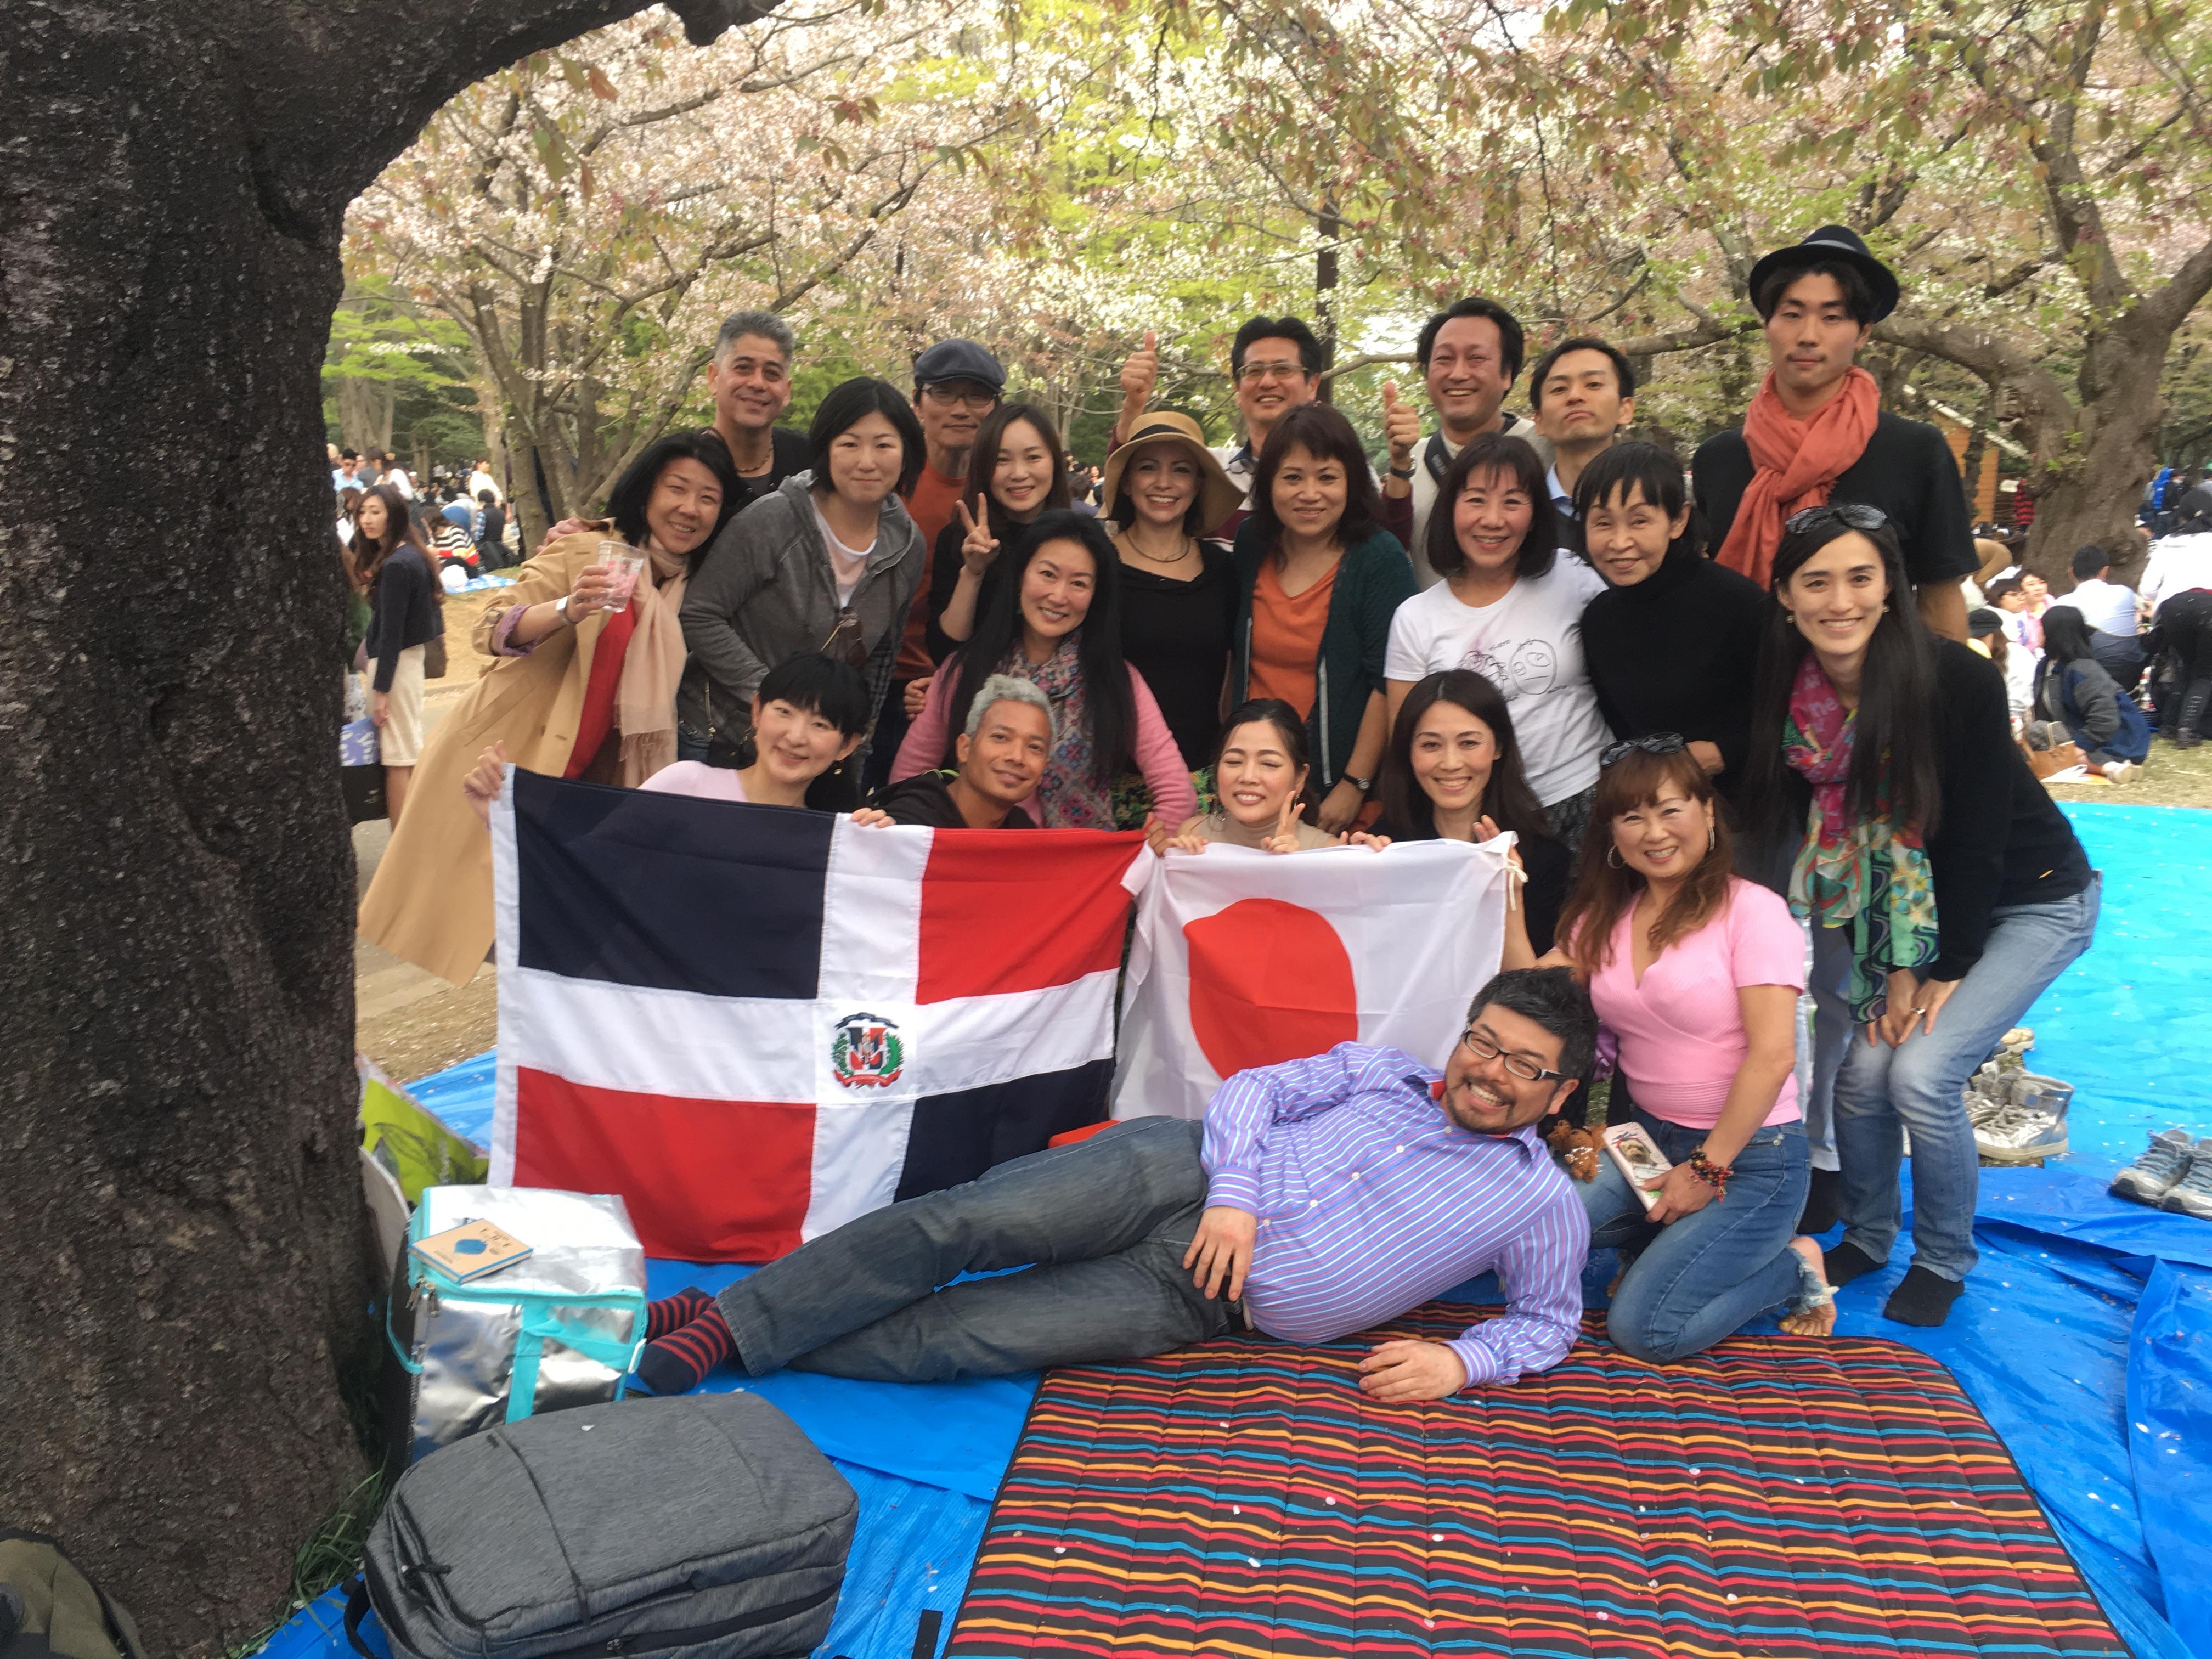 ラテン花見開催!! (¡Hanami Latino en Yoyogi Park!)